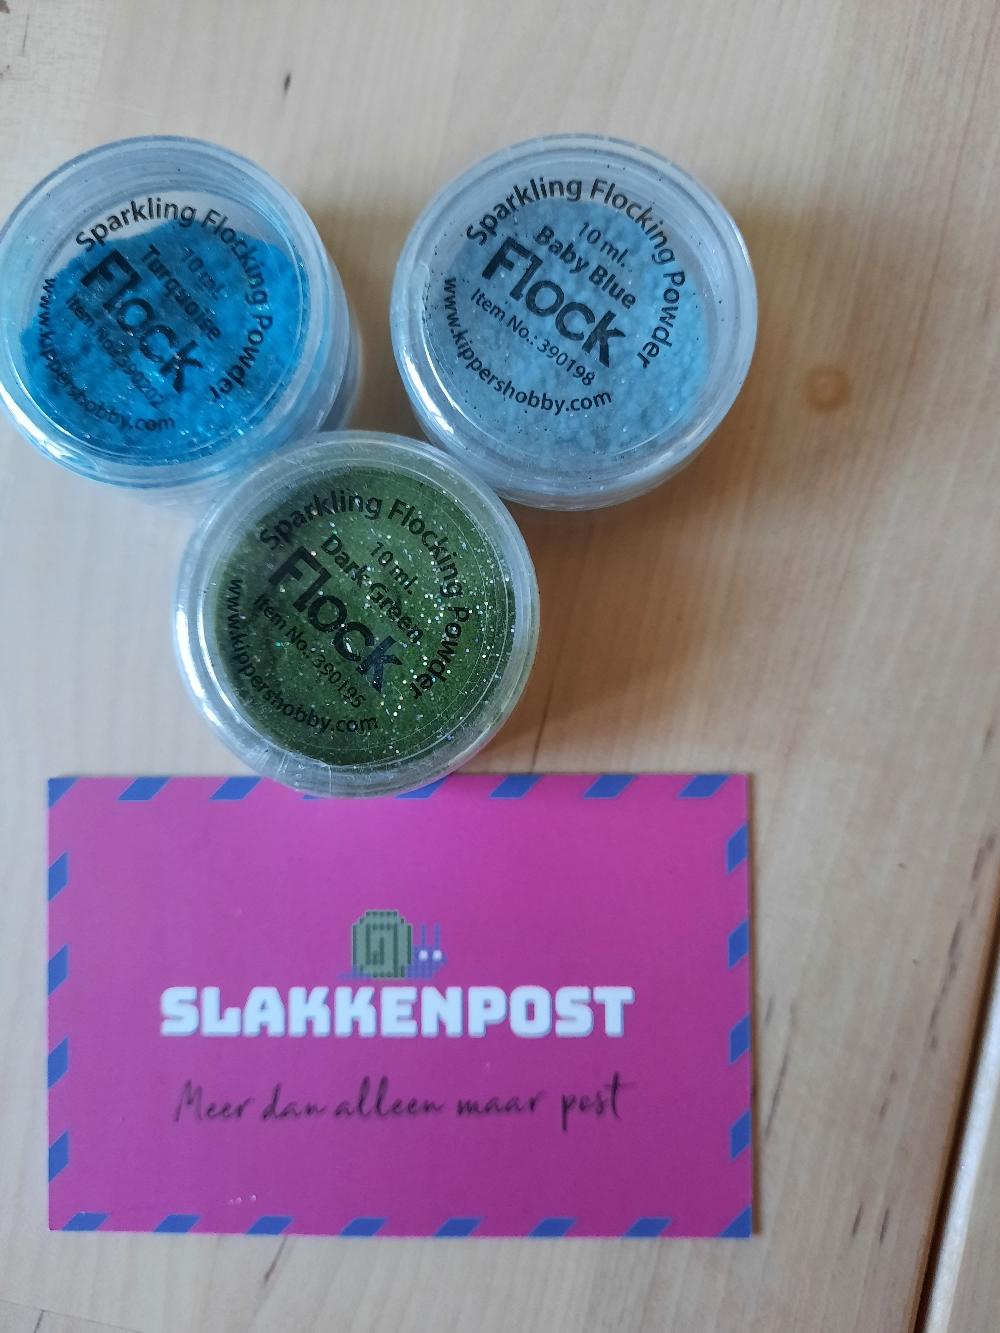 Sparkling Flocking Powder - slakkenpost.nl